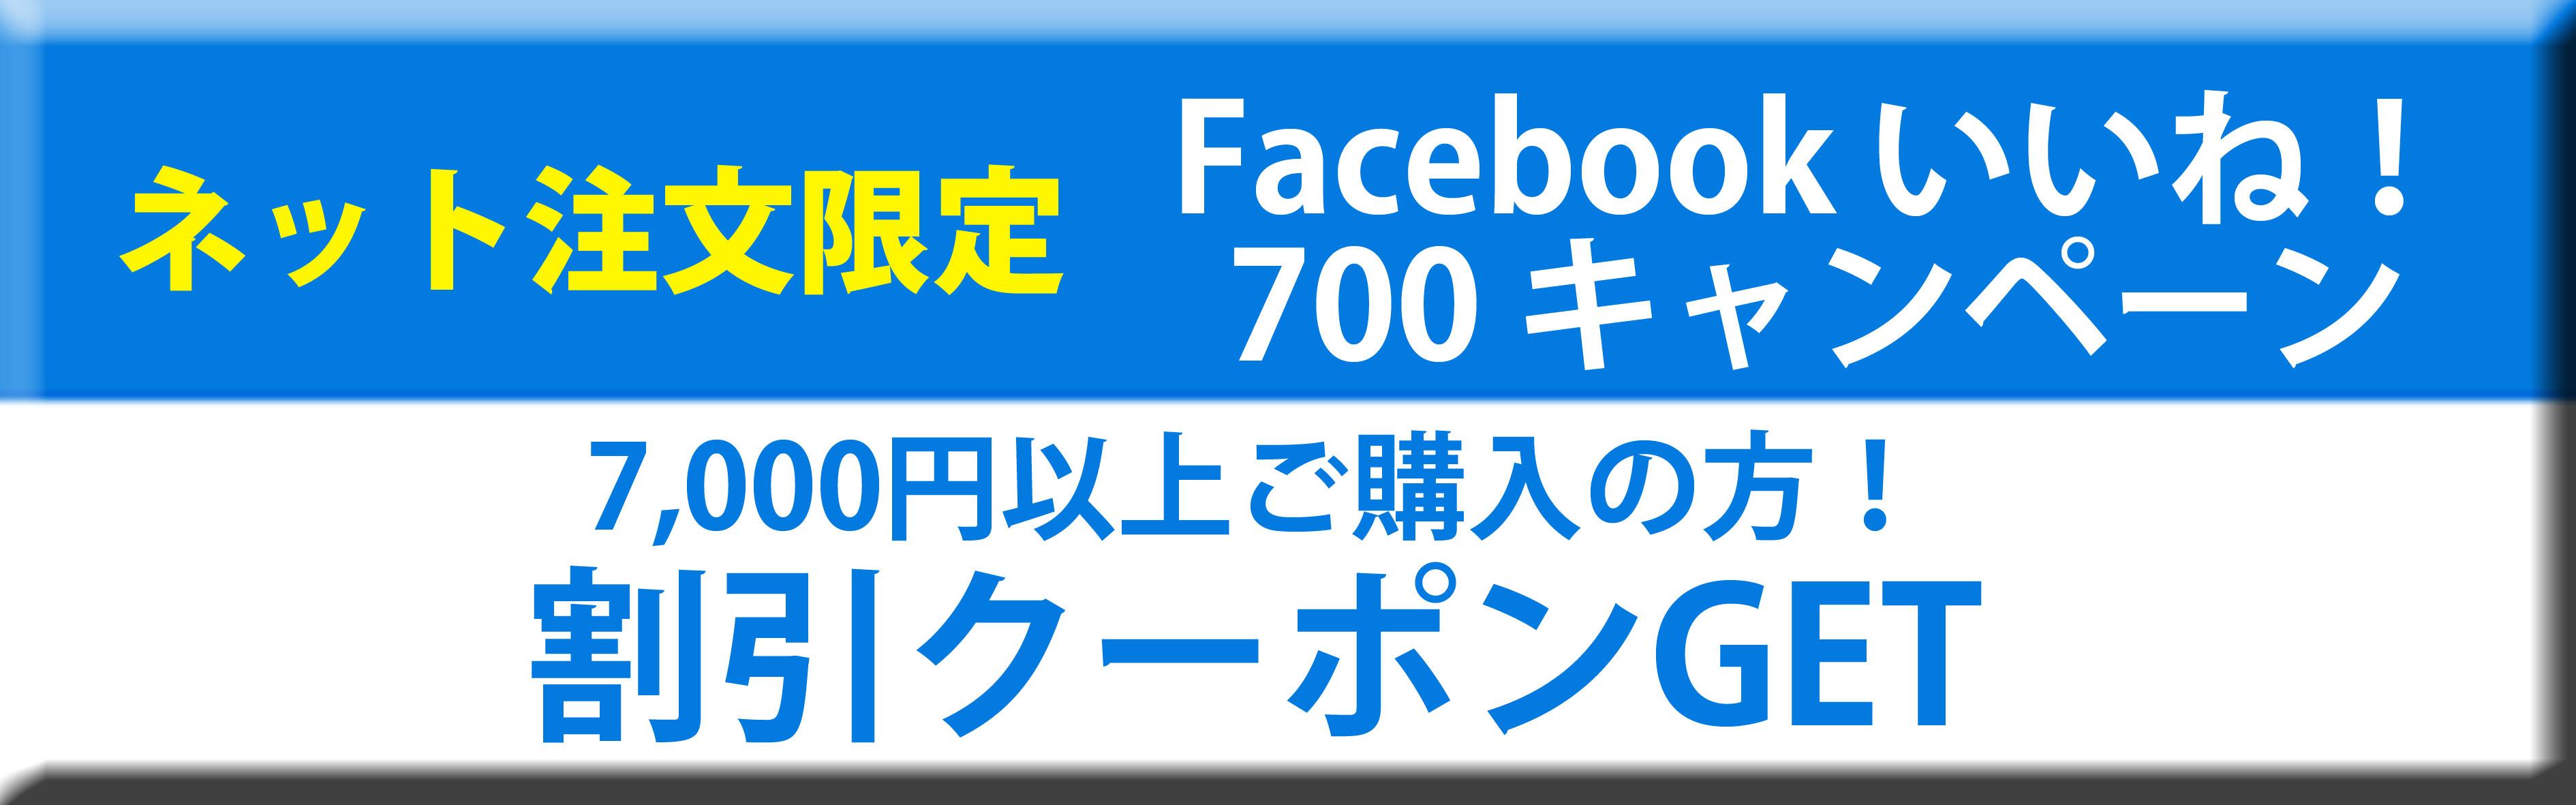 FB700_smp